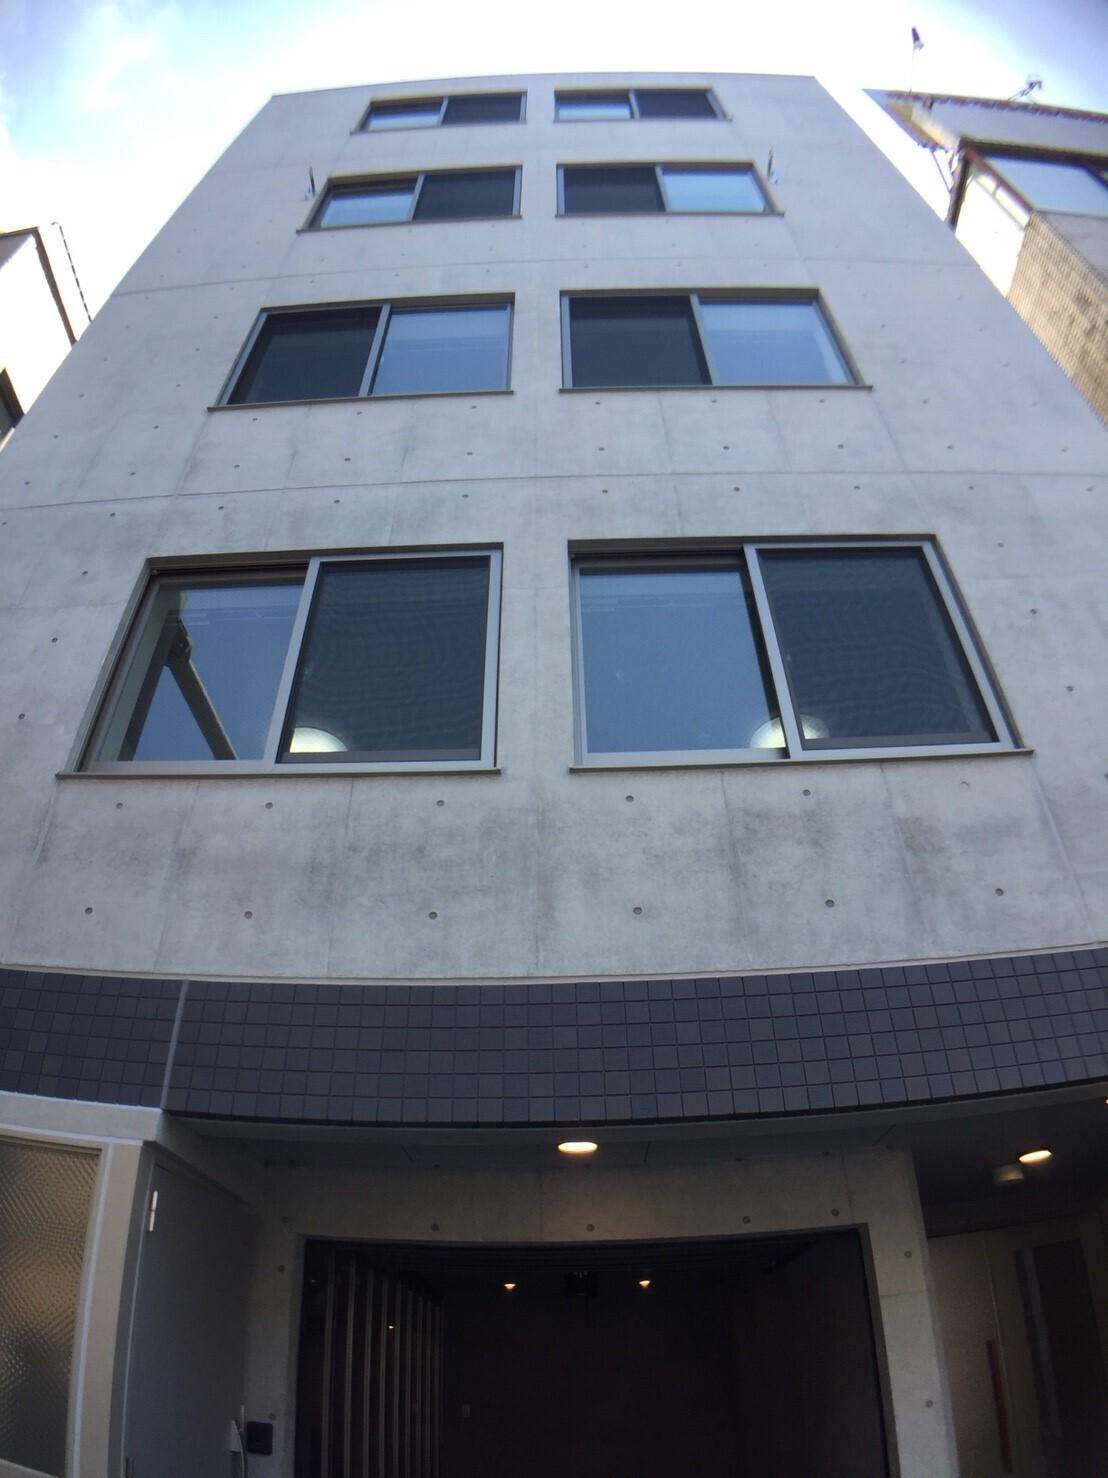 江戸川区平井五丁目の建築事例写真